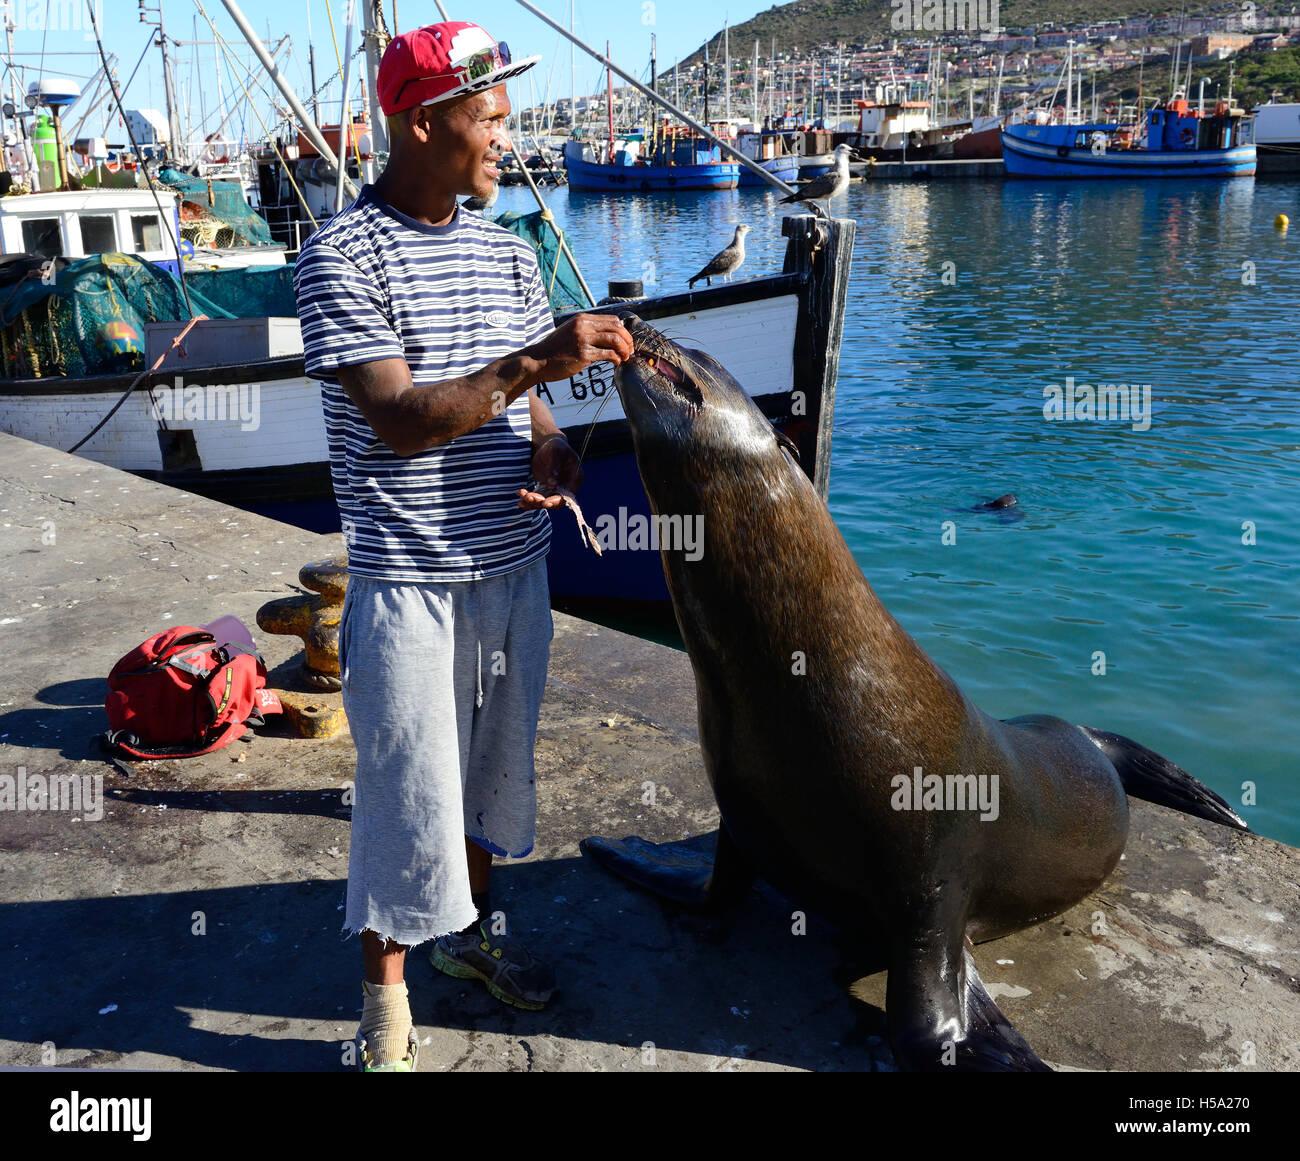 """Mann, allgemein bekannt als die """"Siegel-Mann"""" von Hout bay Siegel mit Fisch füttern, als touristische Stockbild"""